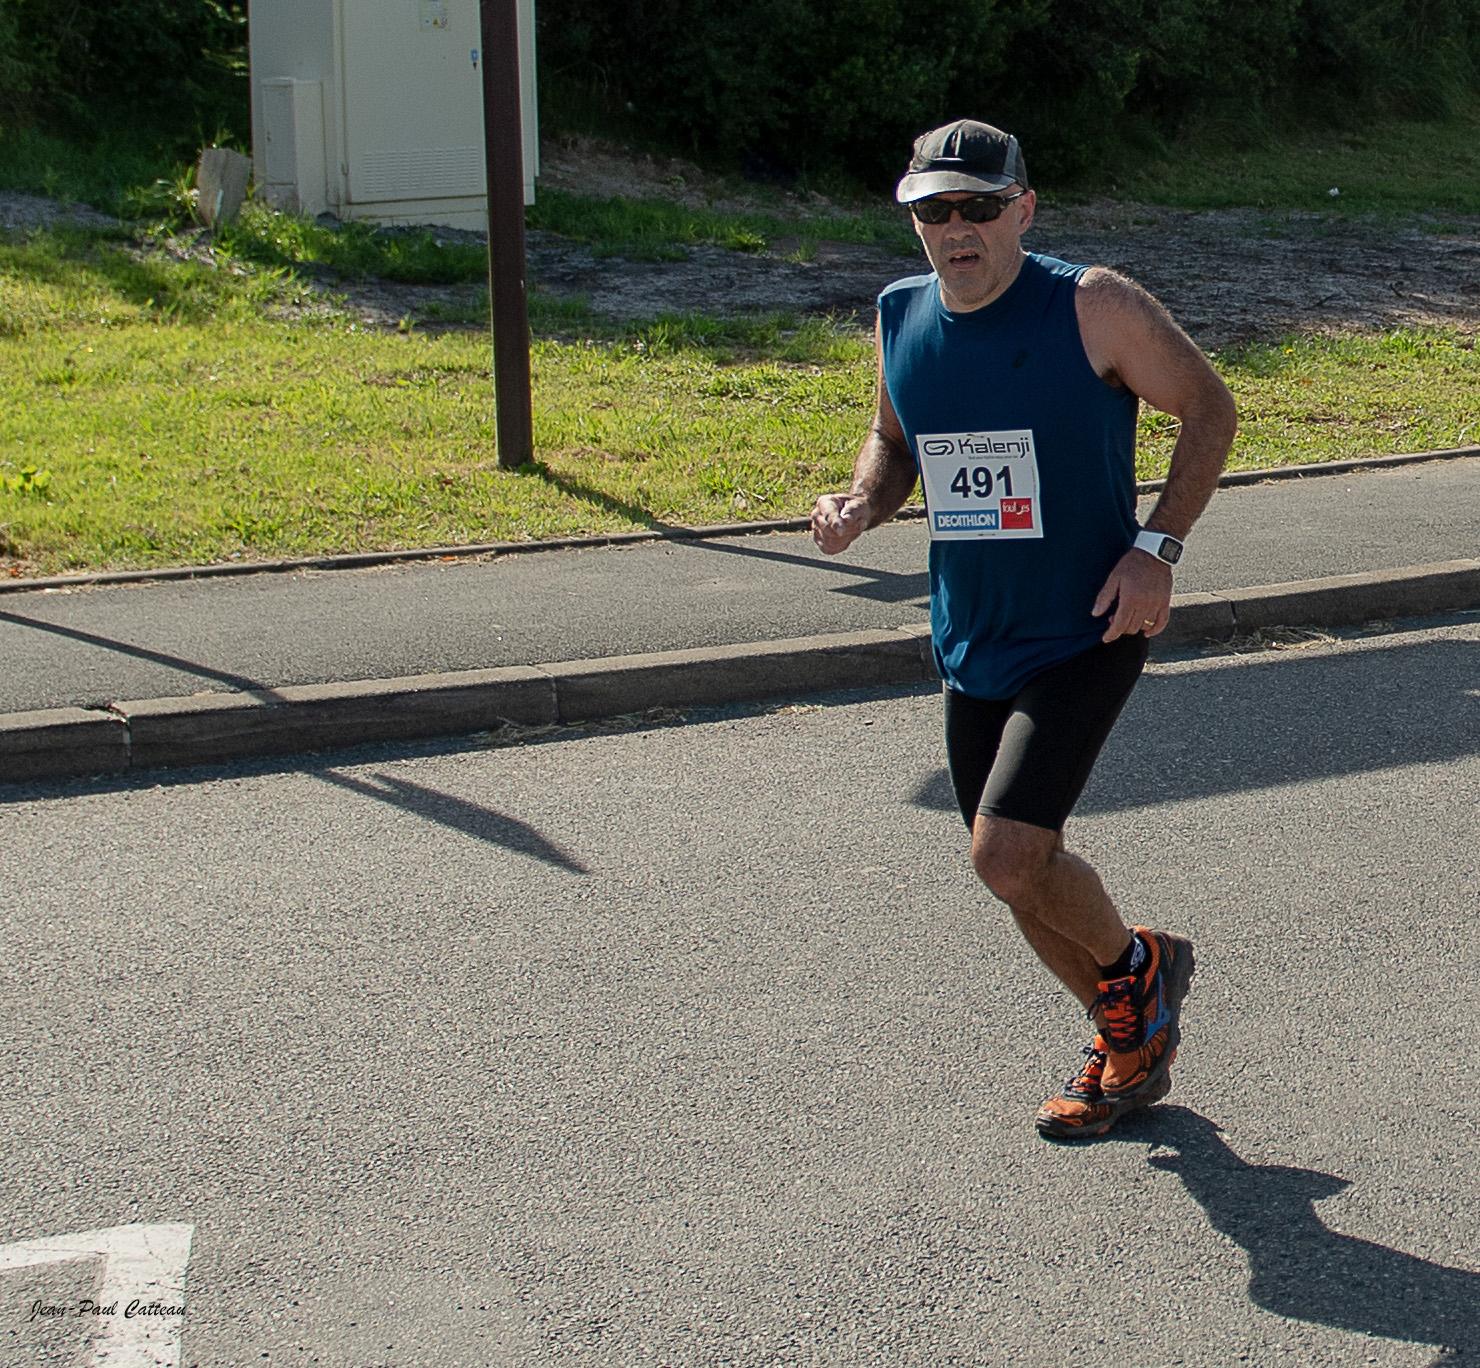 Marathon_de_Biarritz_-_Cité_Océan_-_24_juin_2018_103